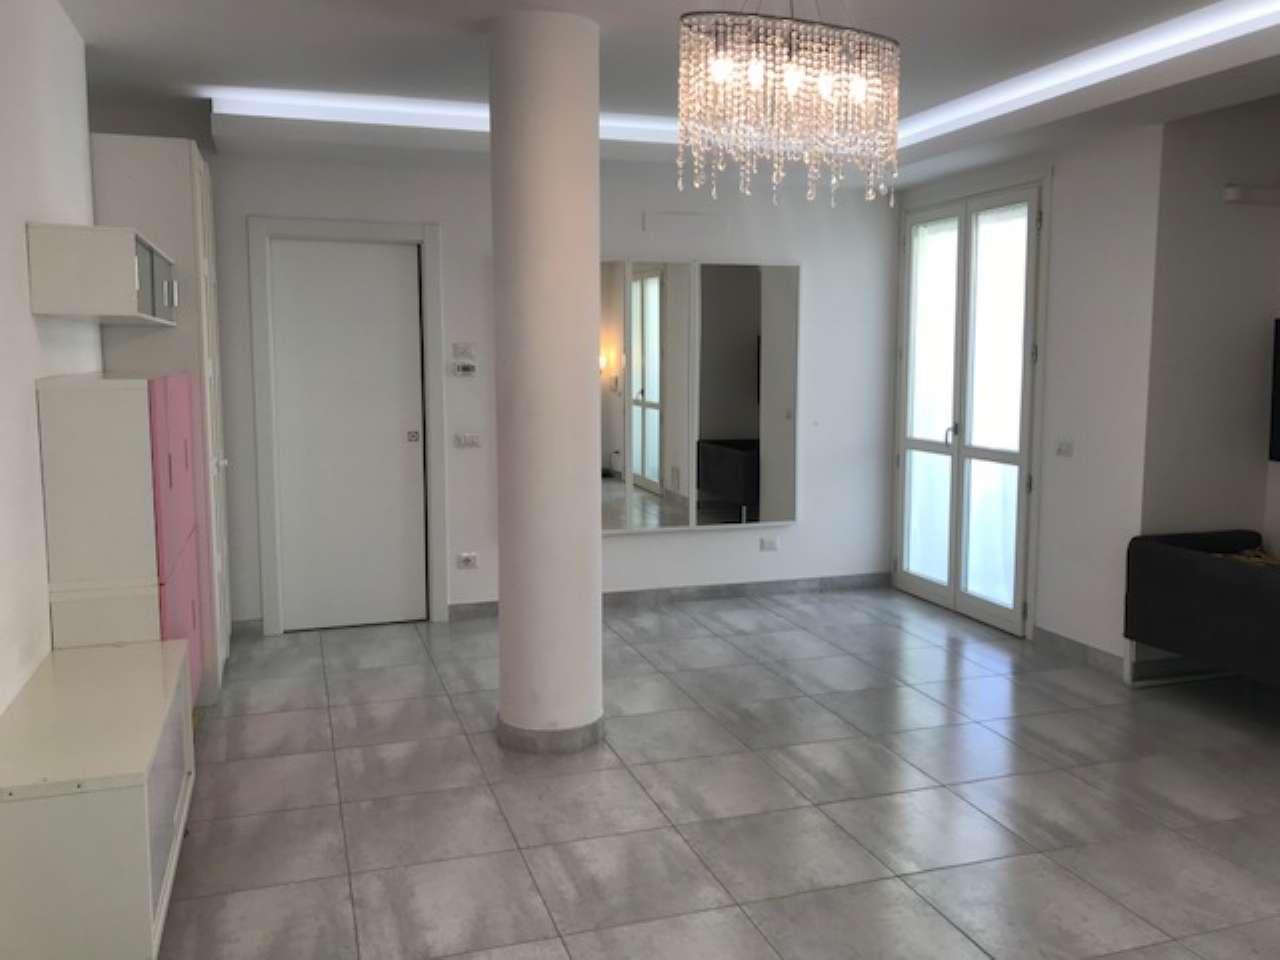 Appartamento in vendita a Prato, 8 locali, prezzo € 378.000   PortaleAgenzieImmobiliari.it